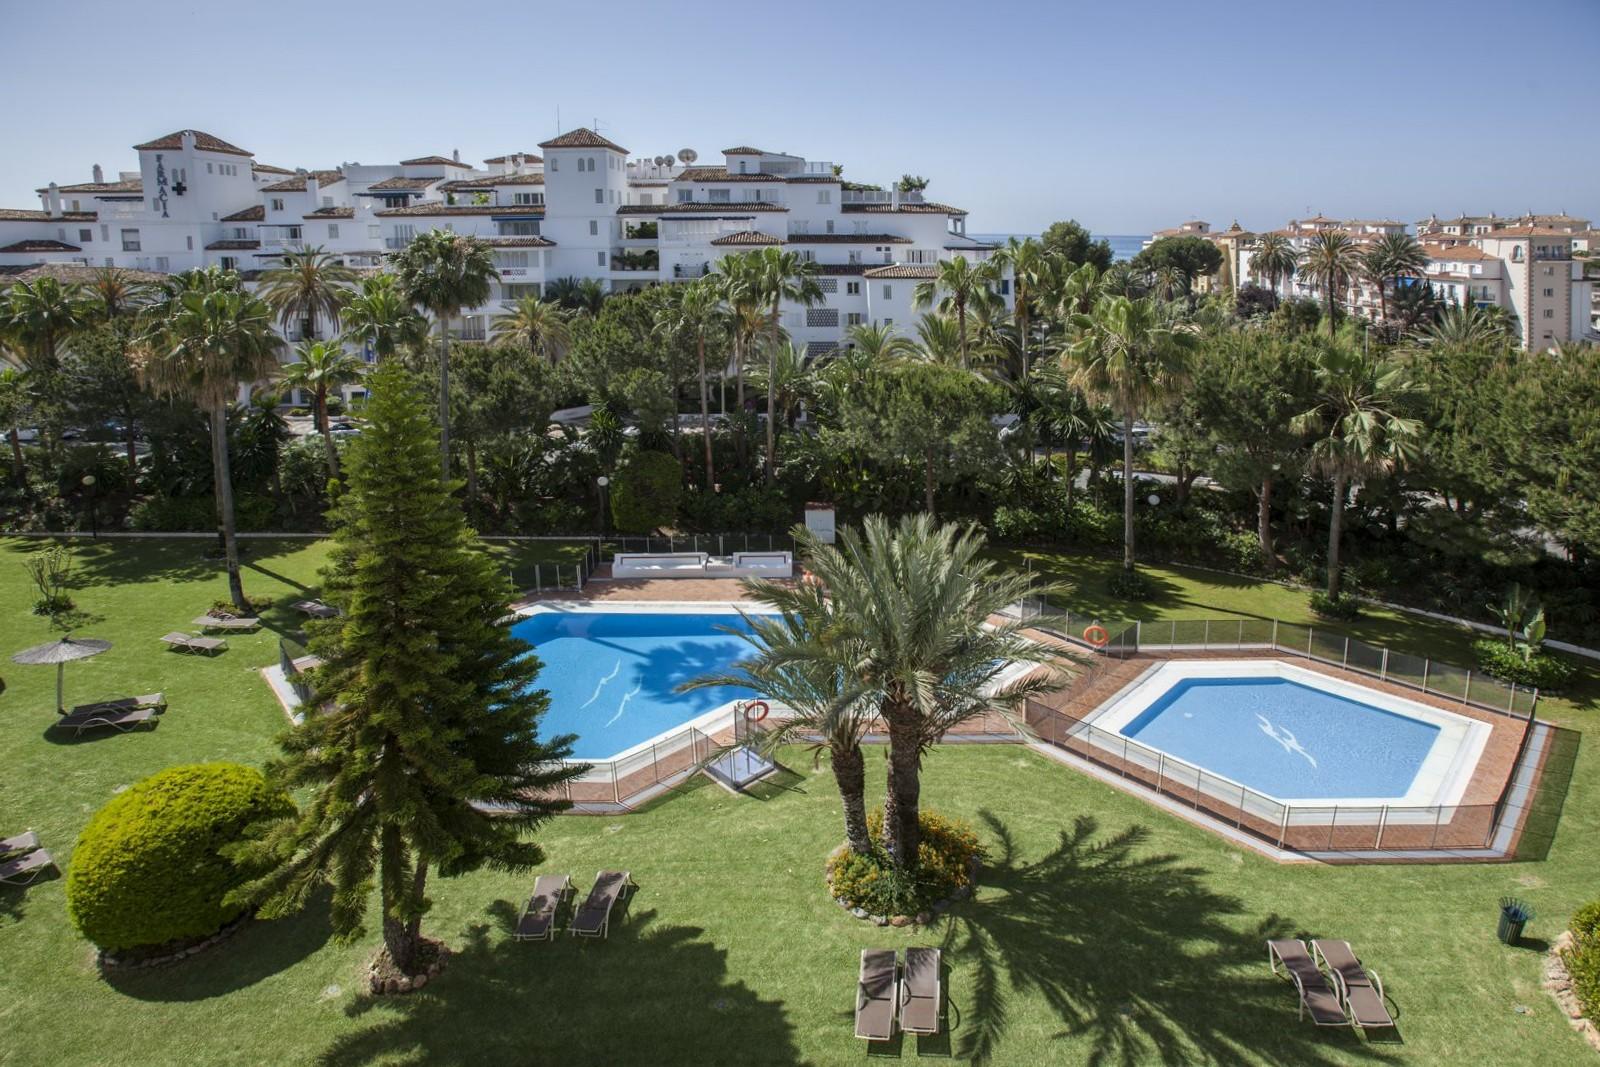 Appartement en vente à Playas del Duque, Marbella - Puerto Banus